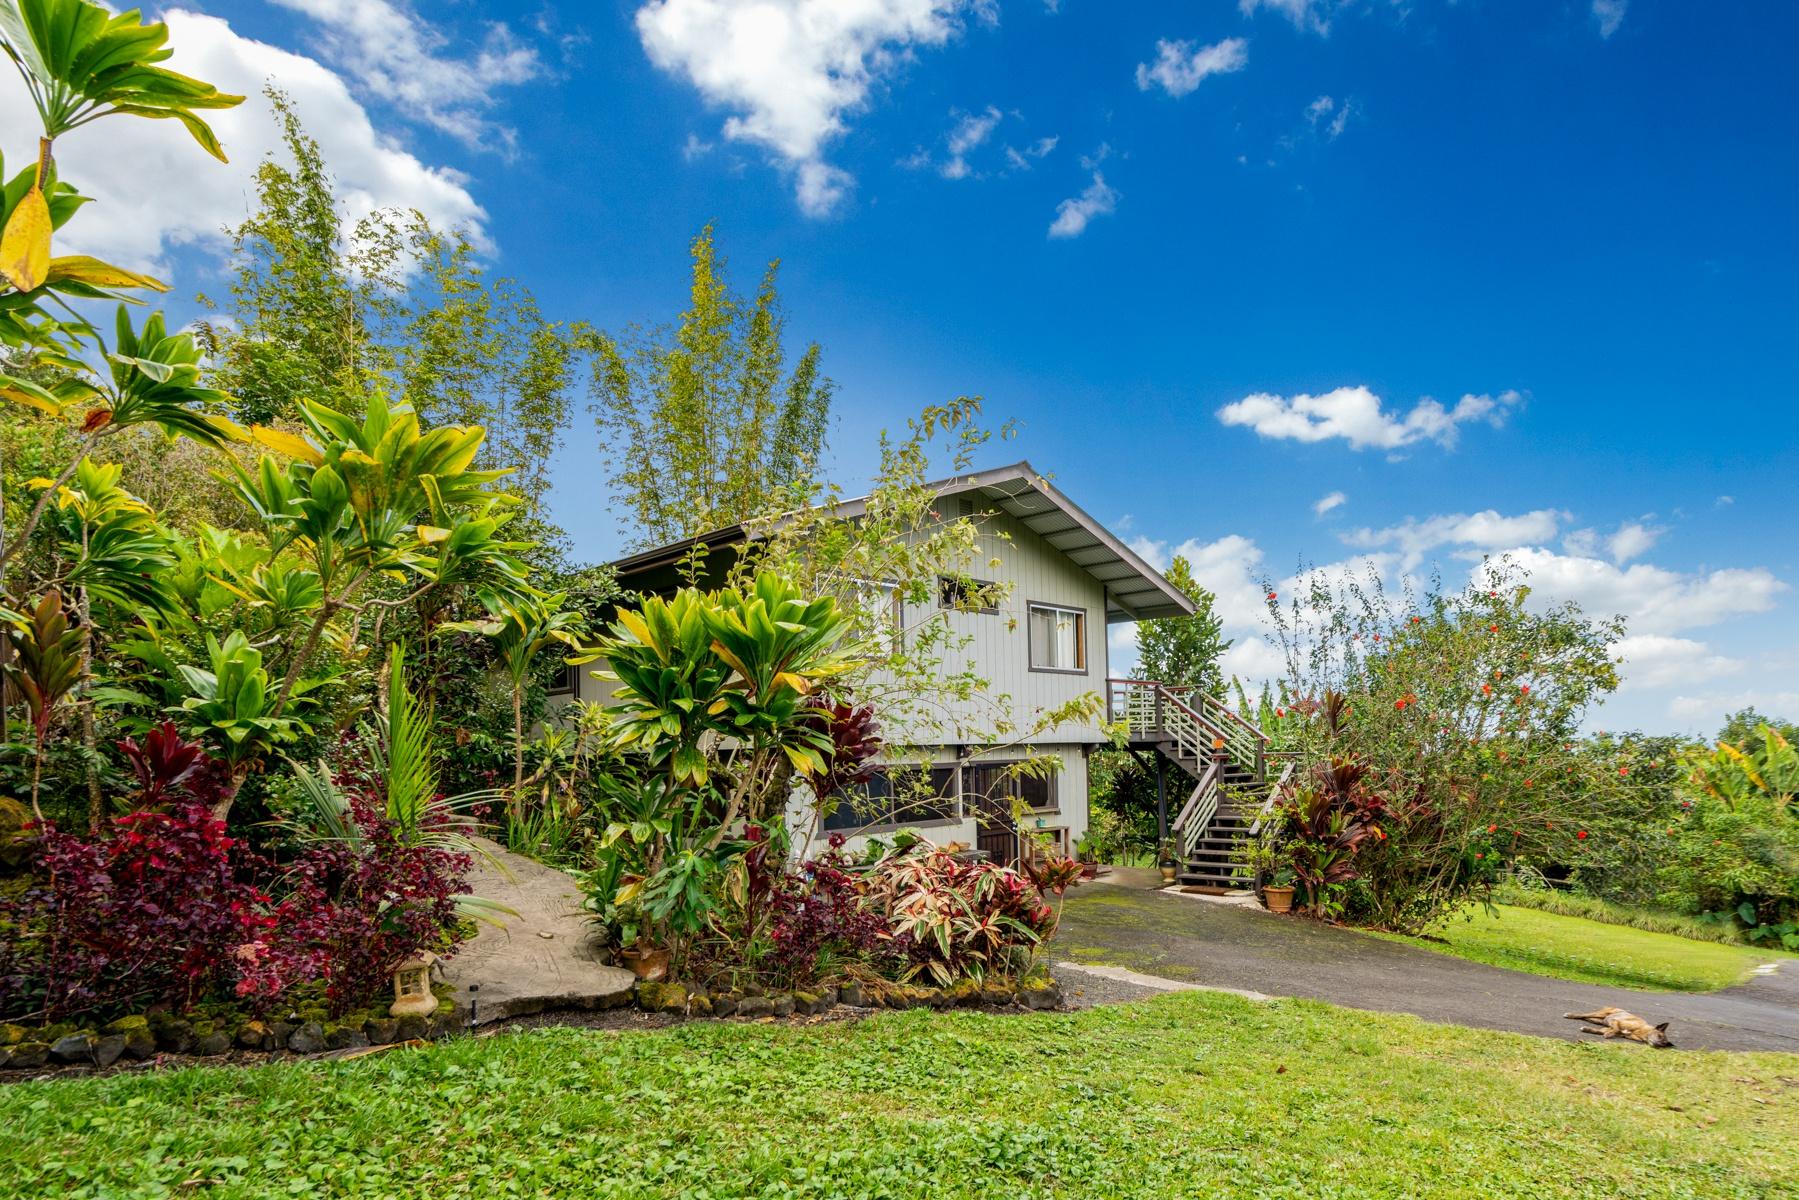 The ohana guest house